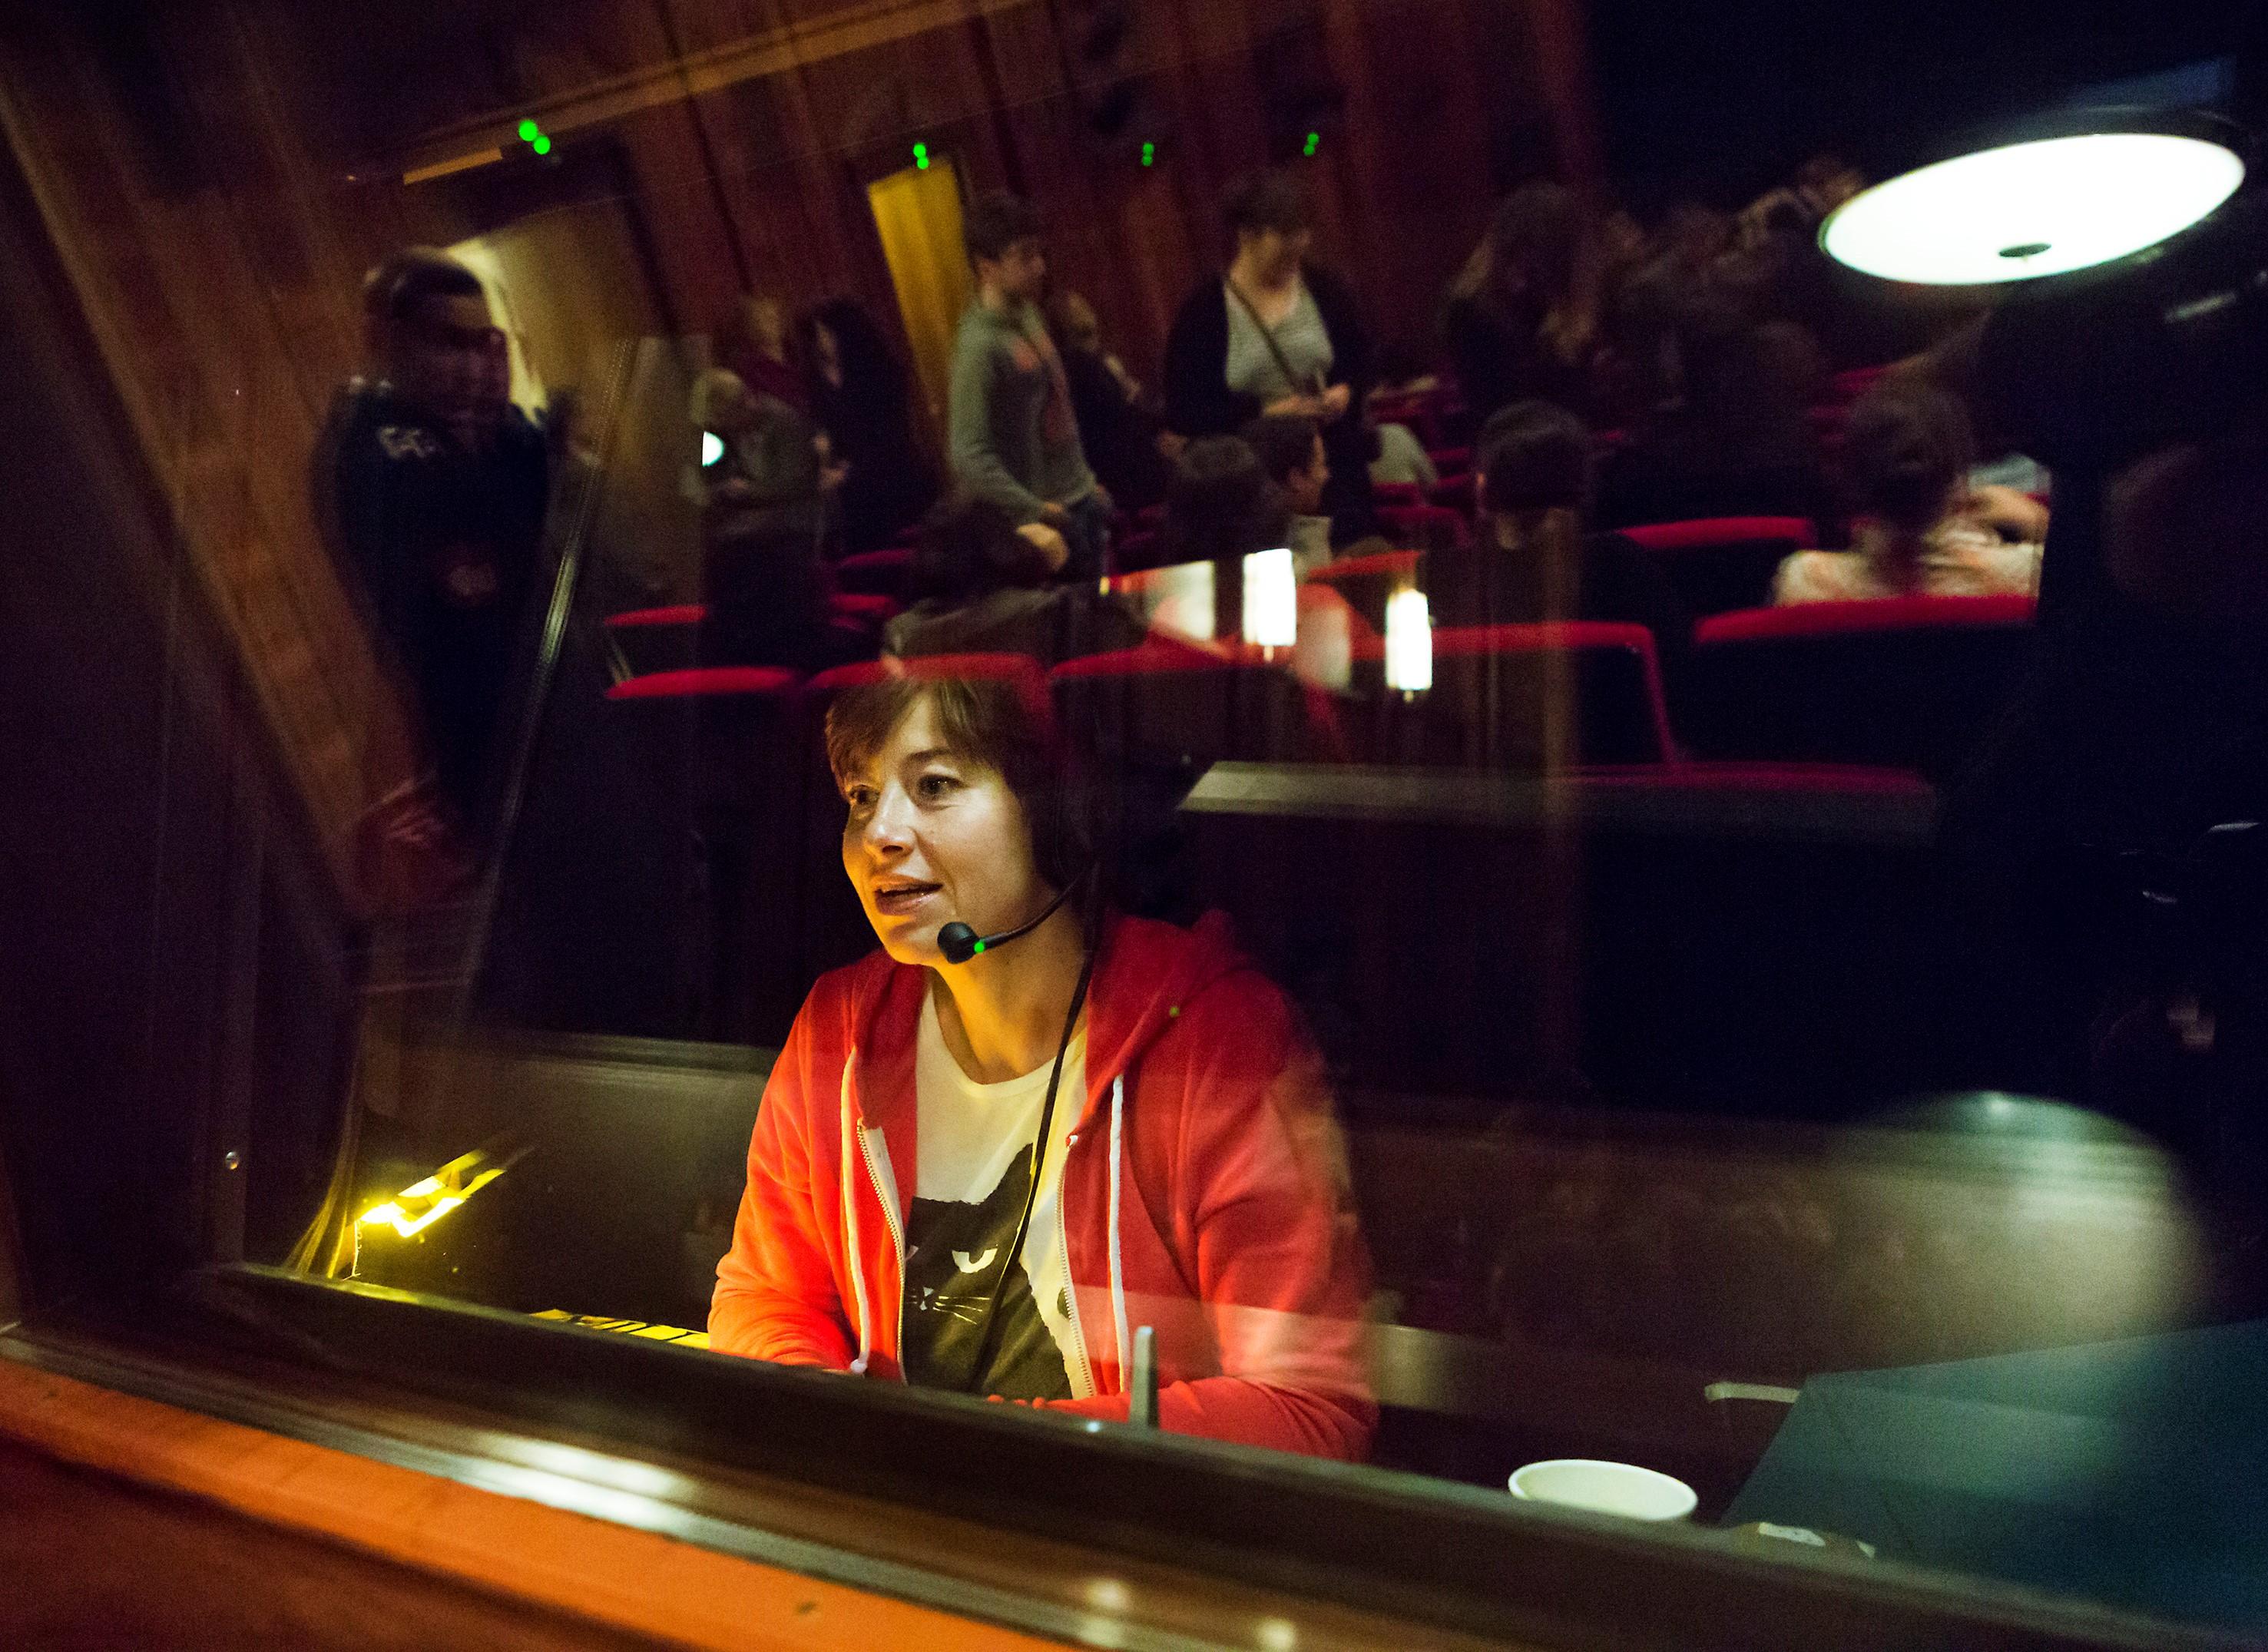 Die Autorin einer live-Audiodeskription in der Sprecherkabine hinter Glas. Sie trägt ein Headset. Links vor ihr ist eine kleine Leselampe. Im Glas der Kabine spiegelt sich das Publikum des Theatersaals.